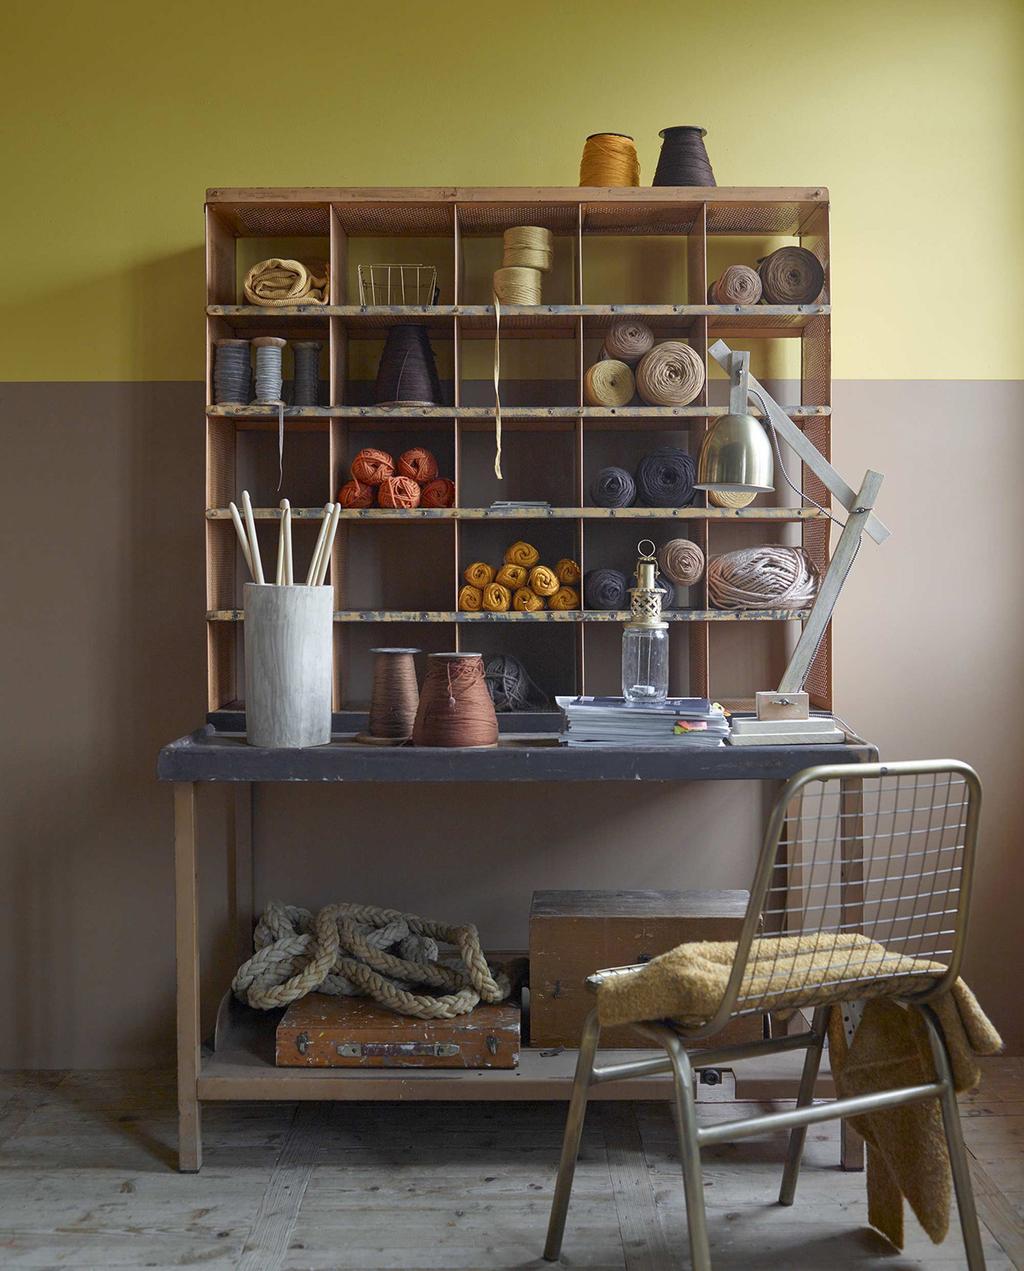 vtwonen 01-2016 | tafel met kast met garen, en een muur met bruin en okergeel